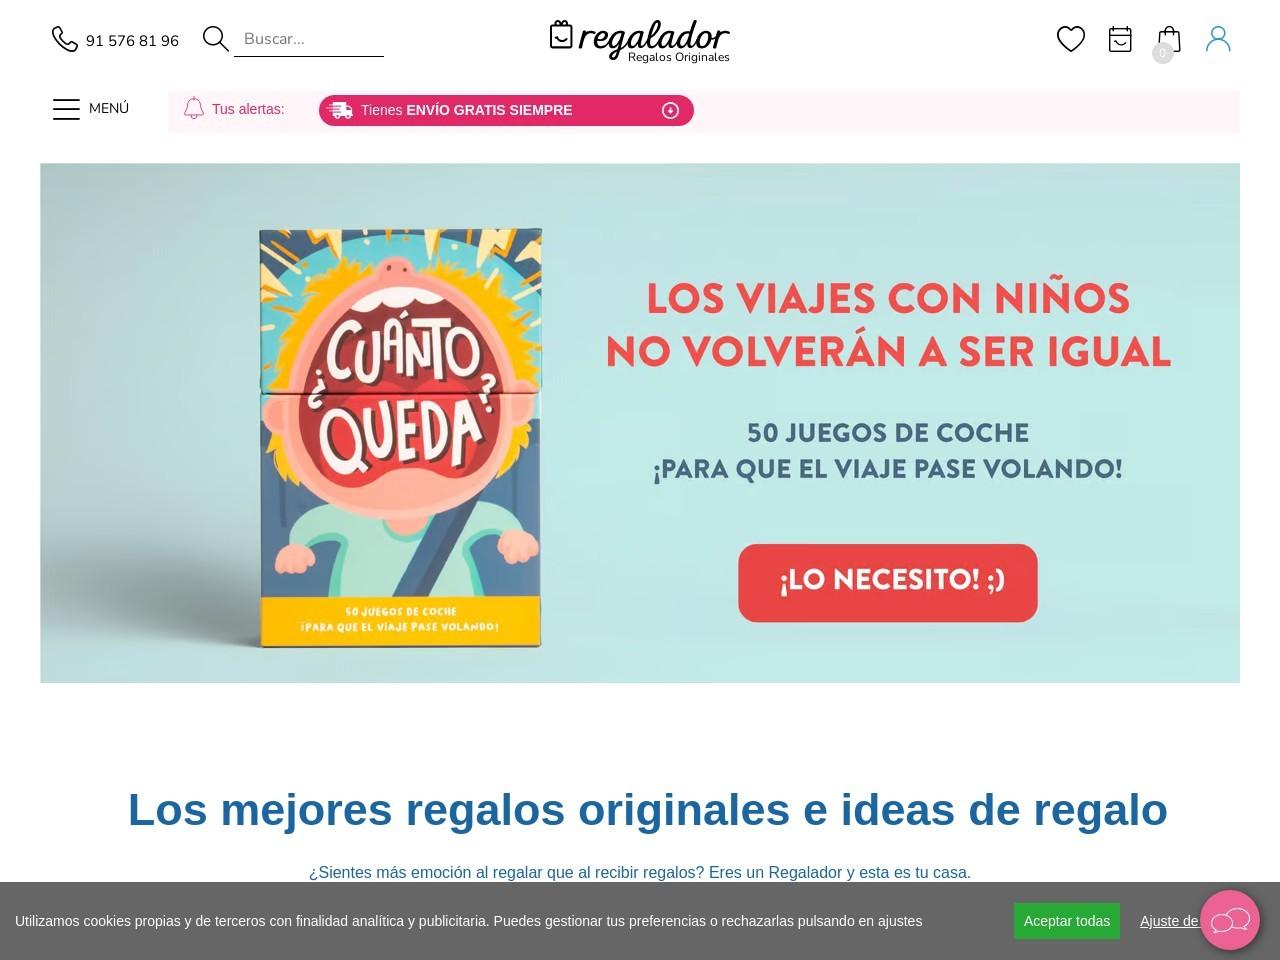 Captura de pantalla de regalador.com